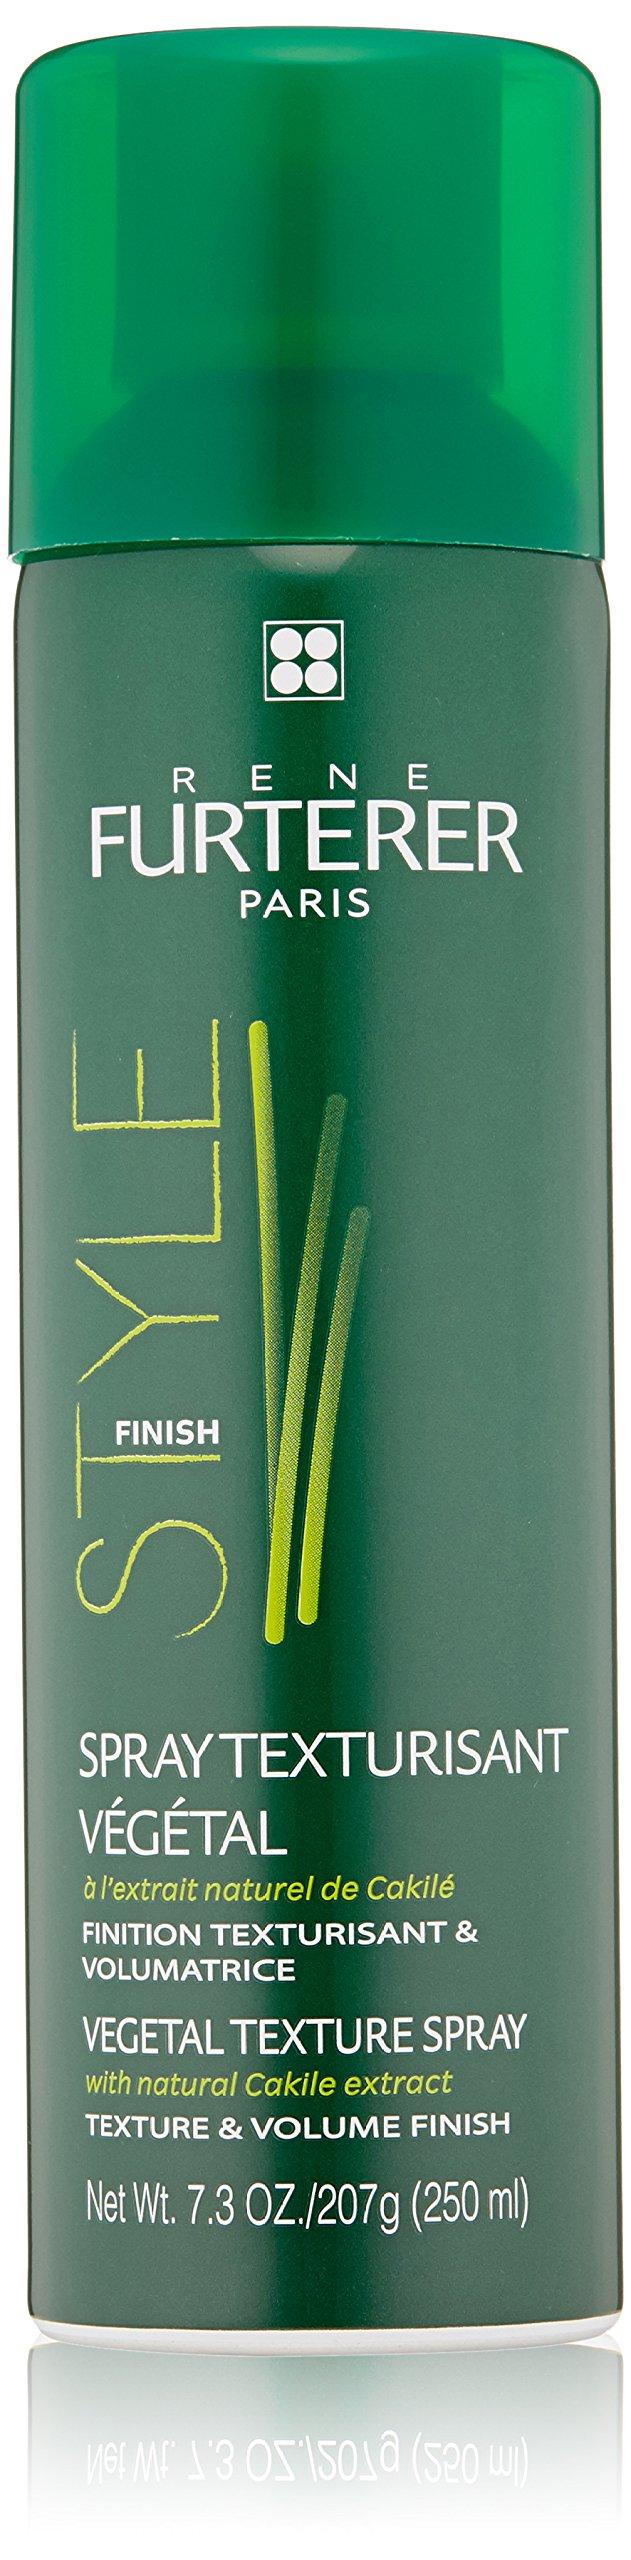 Rene Furterer STYLE Vegetal Texture Spray, Dry Styling Texture Spray, Volume & Shine, 7.3 oz. by Rene Furterer